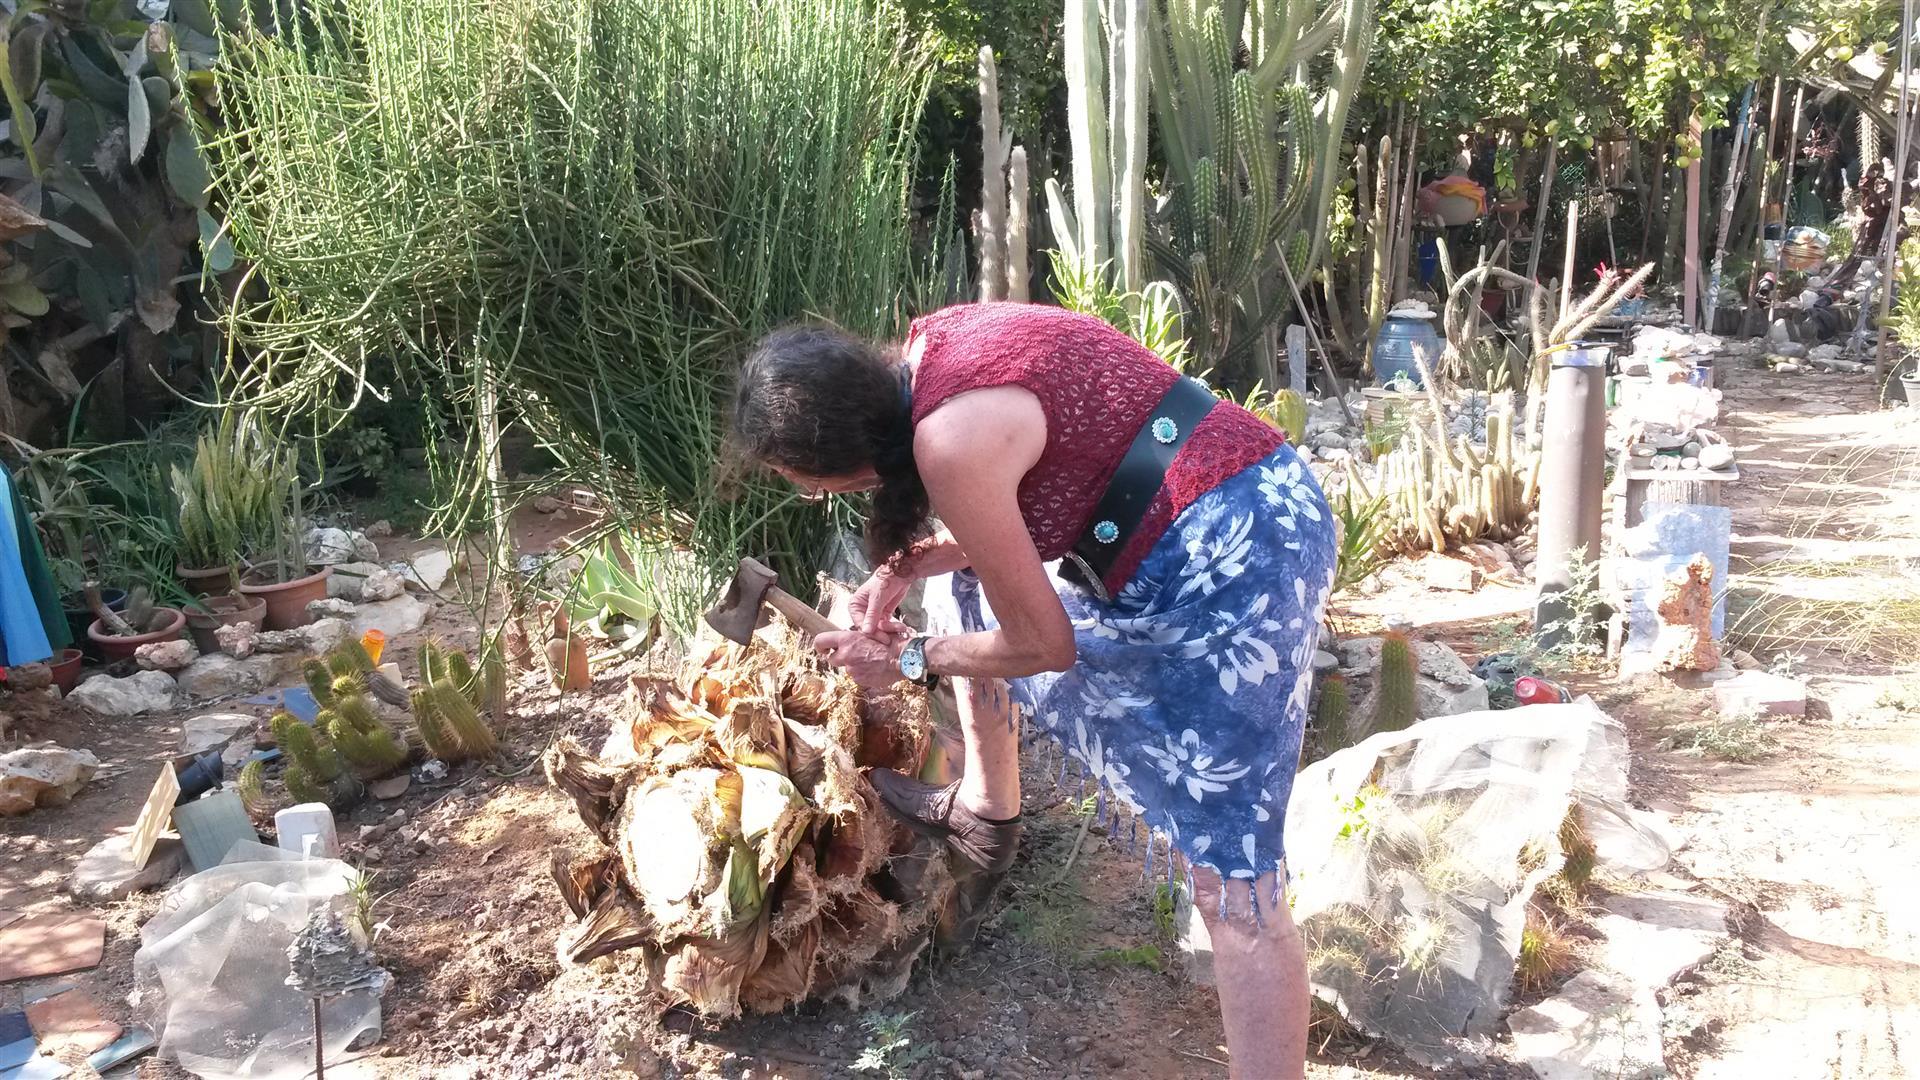 האמנית יעל פרויליך בגן האקולוגי שלה מדגימה לי עבודה עם הגרזן הנוסטלגי של אבא